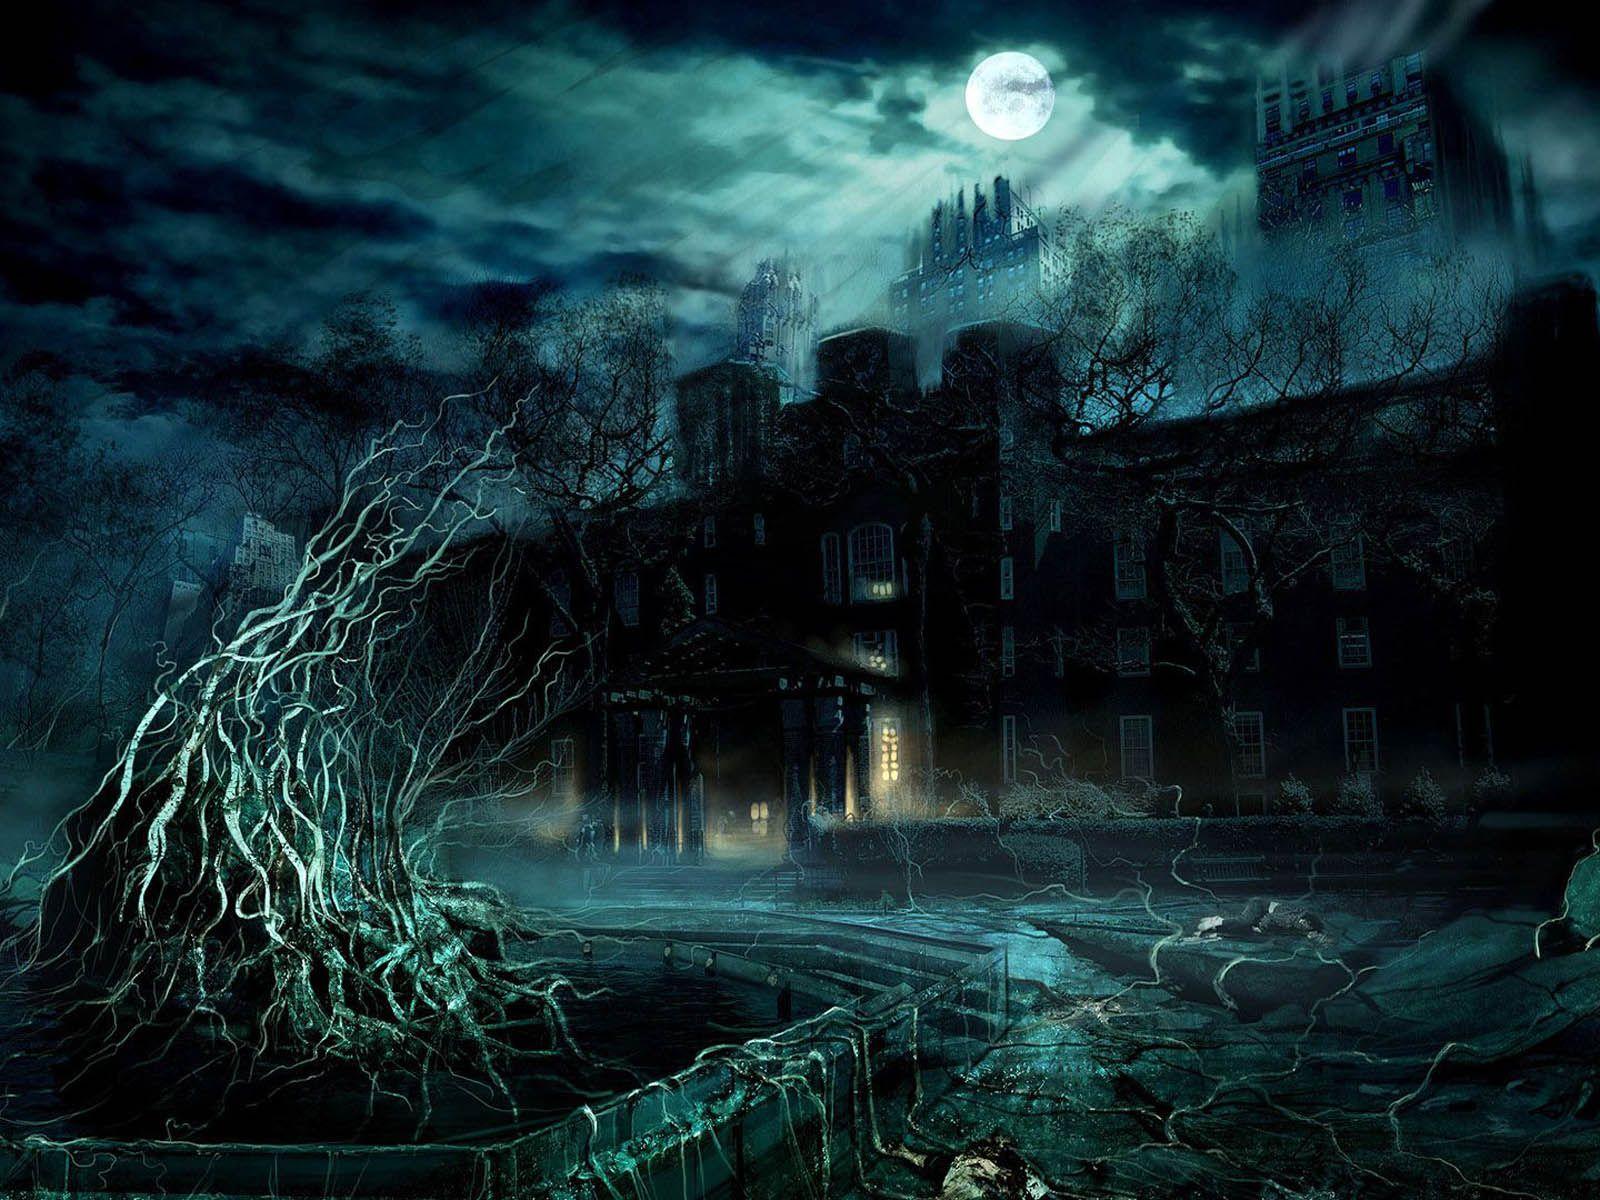 Fantasy The Fantasy Art Wallpapers Fantasy Art Desktop Wallpapers Fantasy Gothic Wallpaper Dark Wallpaper Alone In The Dark